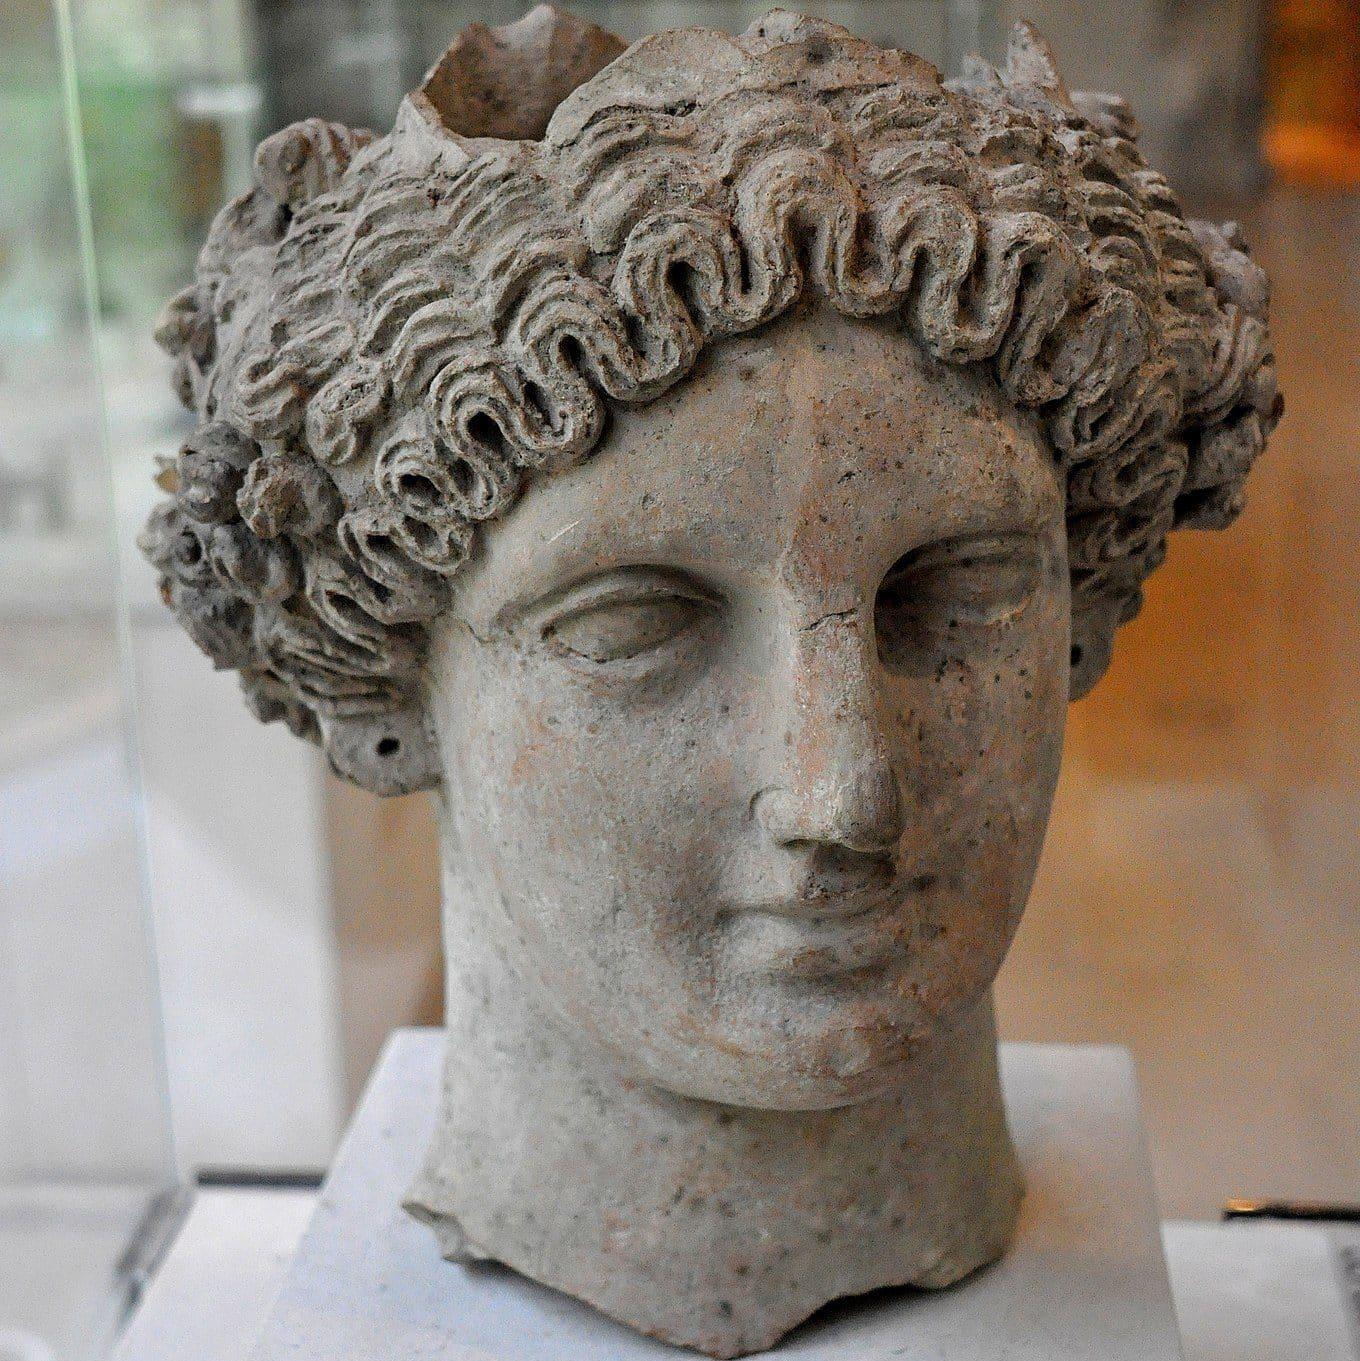 Uma escultura retratando a cabeça de Perséfone.